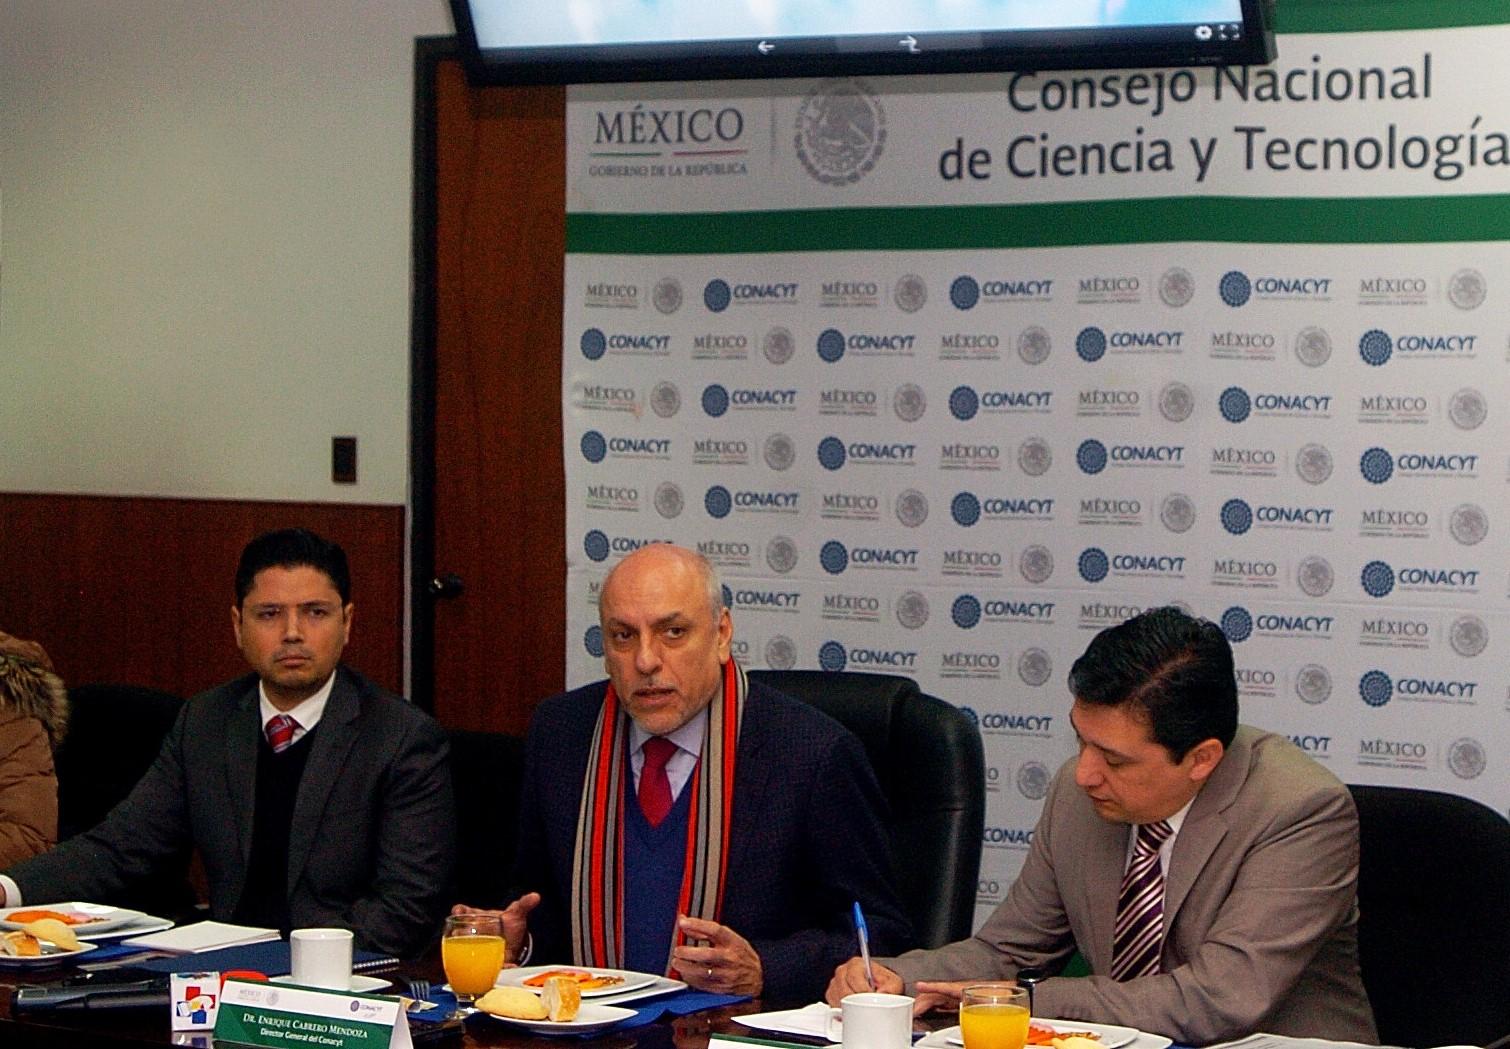 Apoya CONACYT a patentamiento con tres acciones: Dr Enrique Cabrero